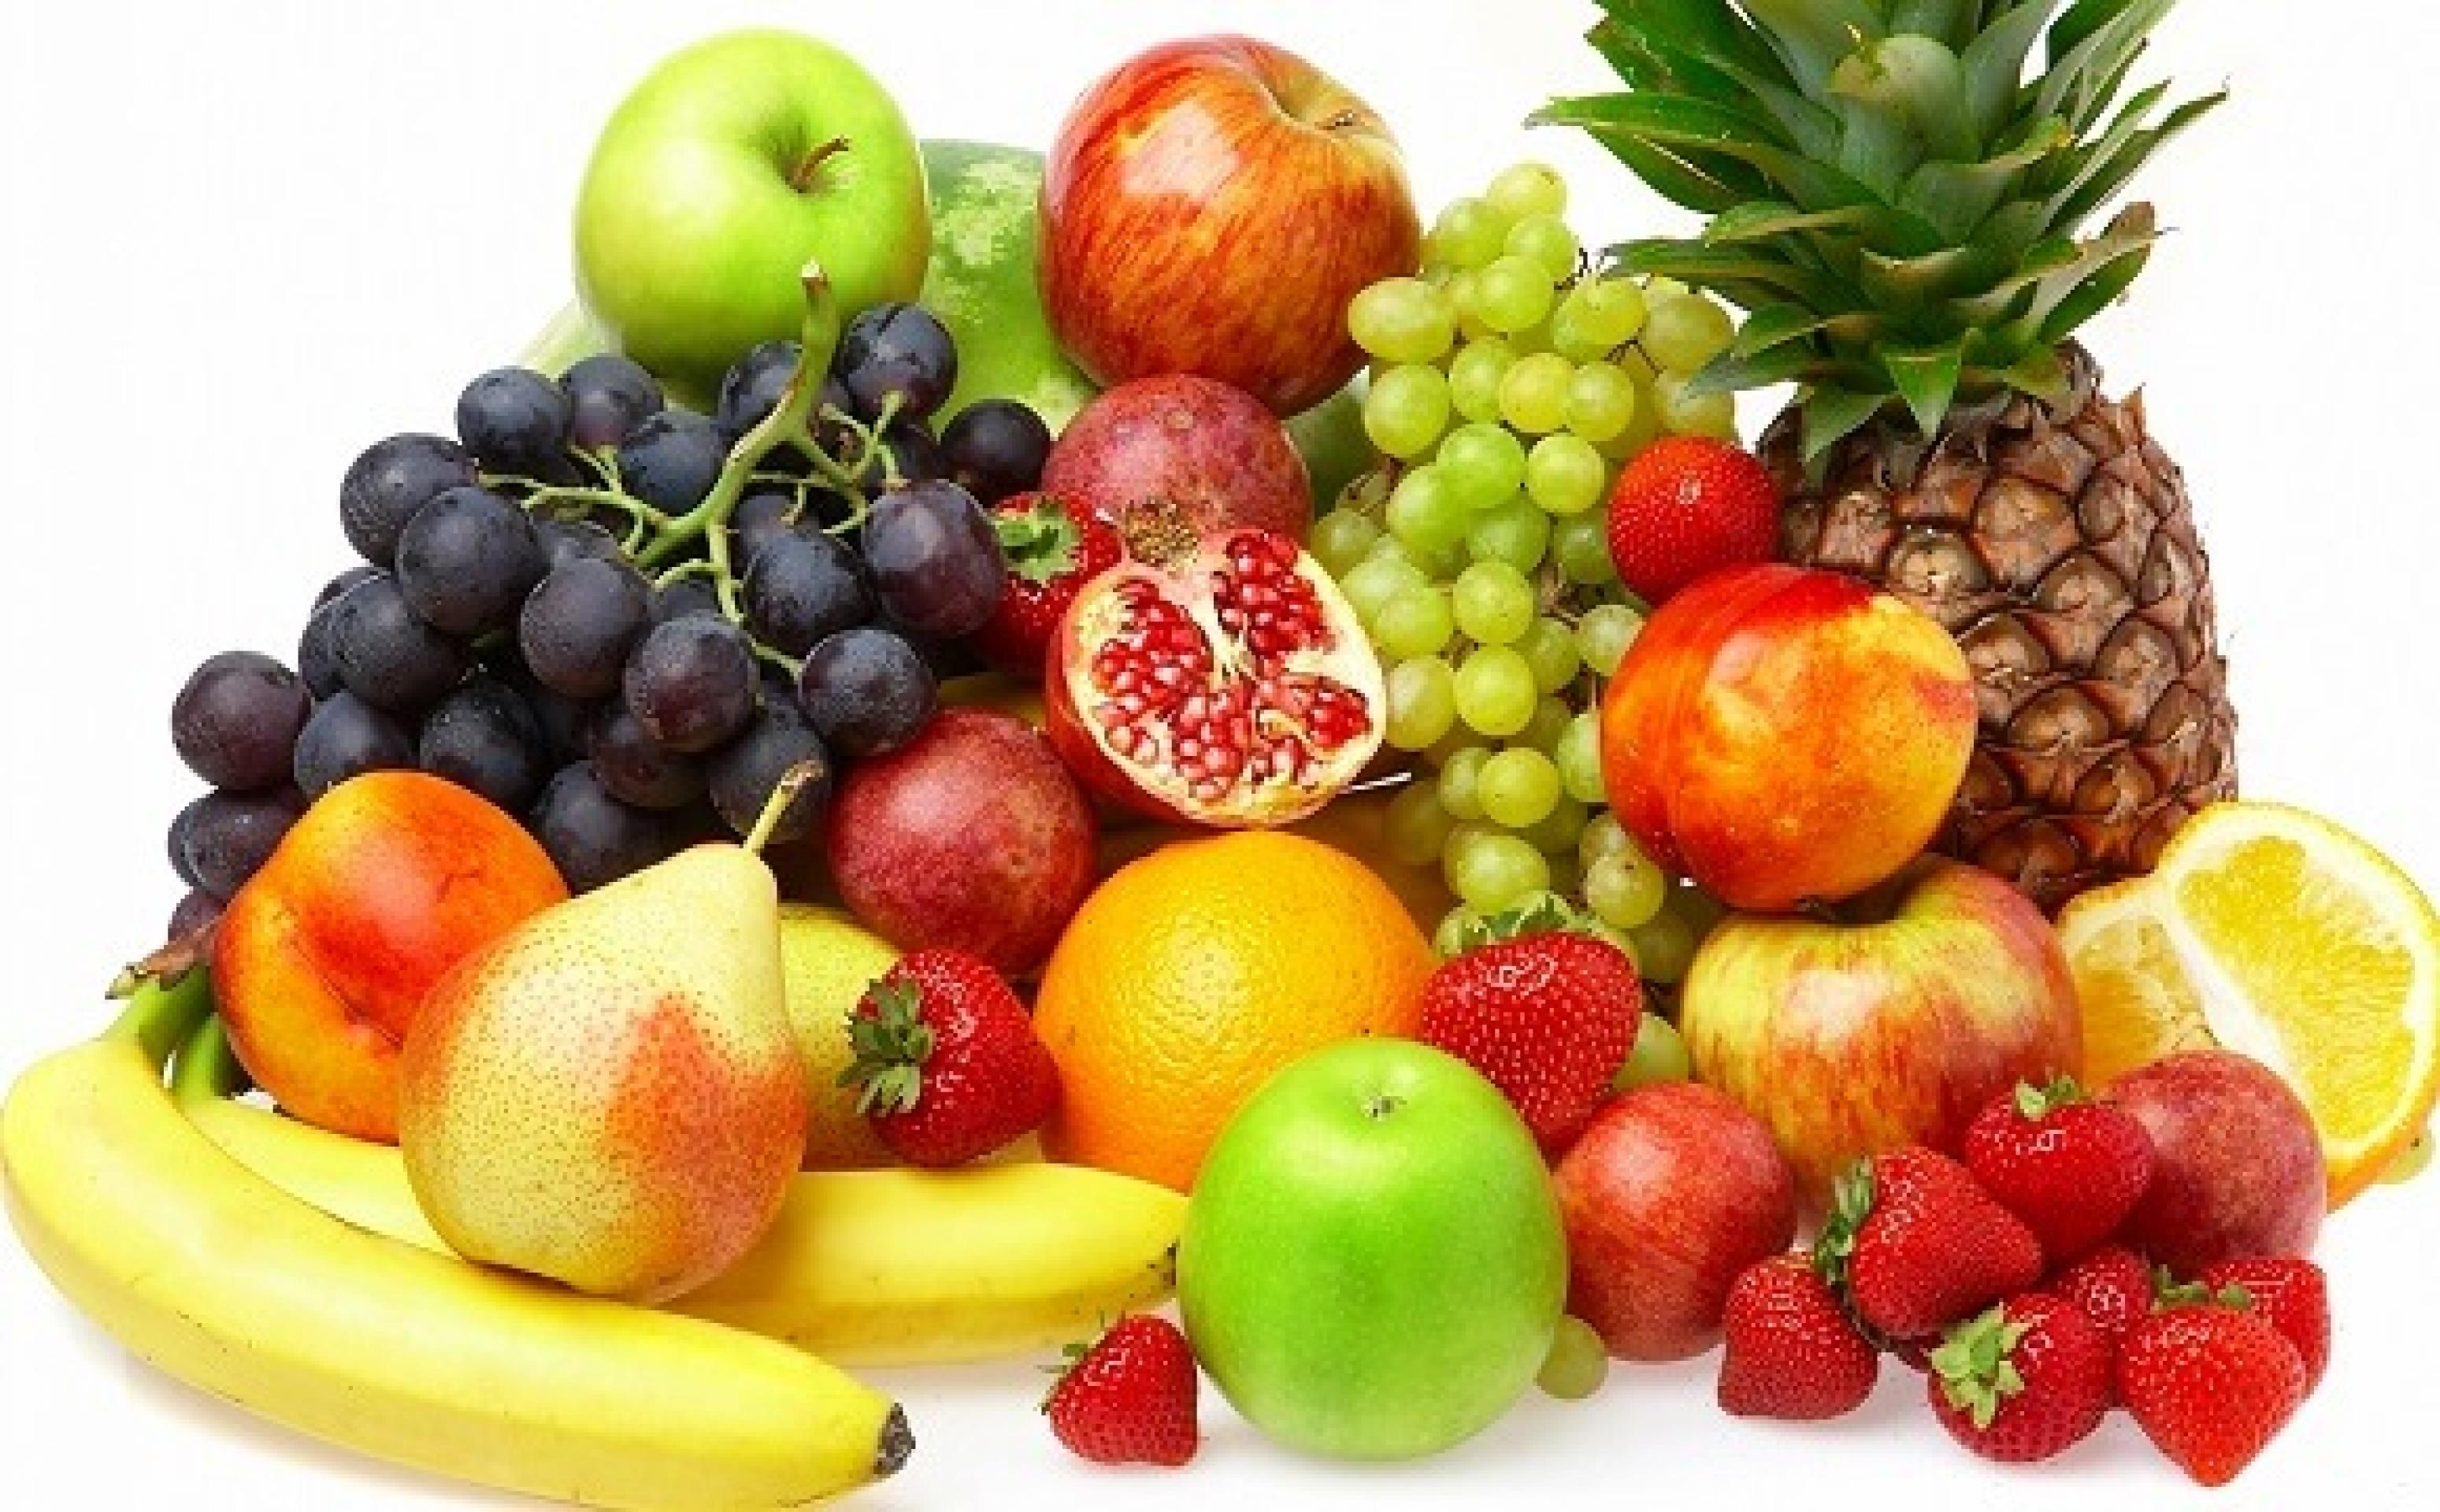 Почему так полезно есть фрукты? Разбираемся в их целебных свойствах для организма